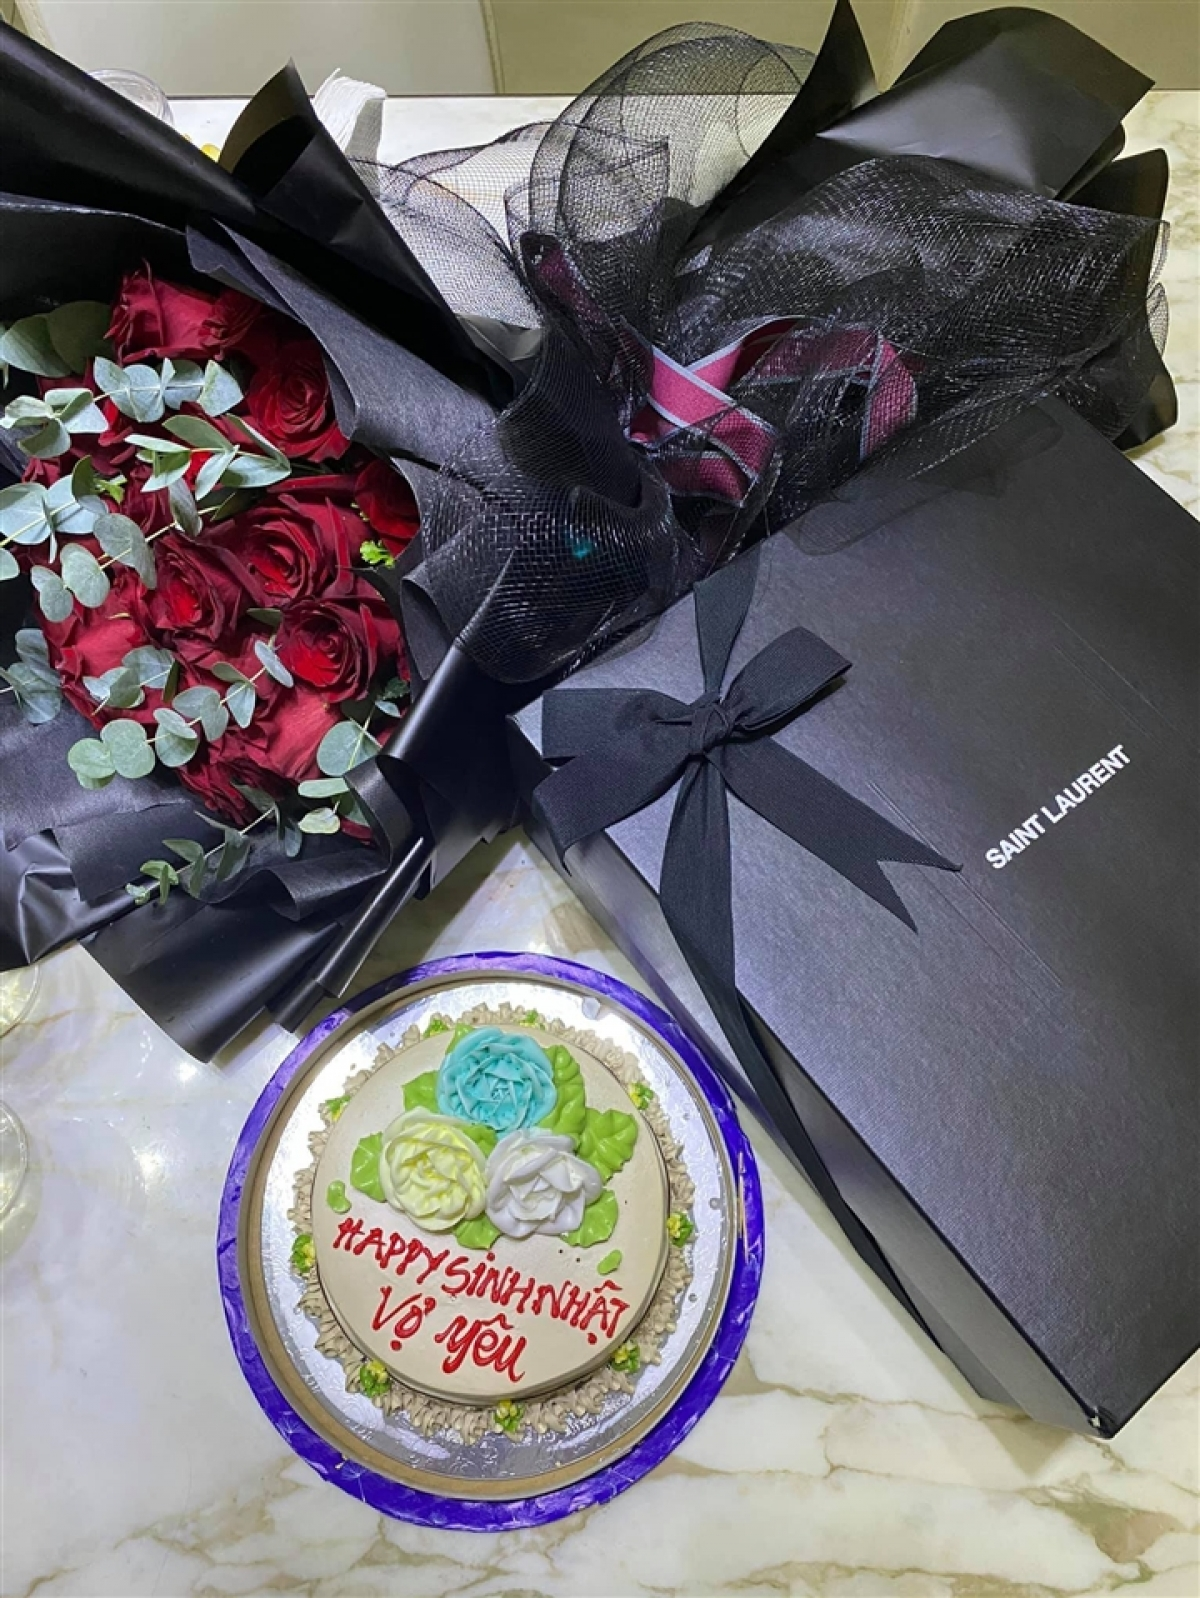 Cô cũng chia sẻ hình ảnh bánh sinh nhật và món quà của Trần Bảo Sơn tặng mình.